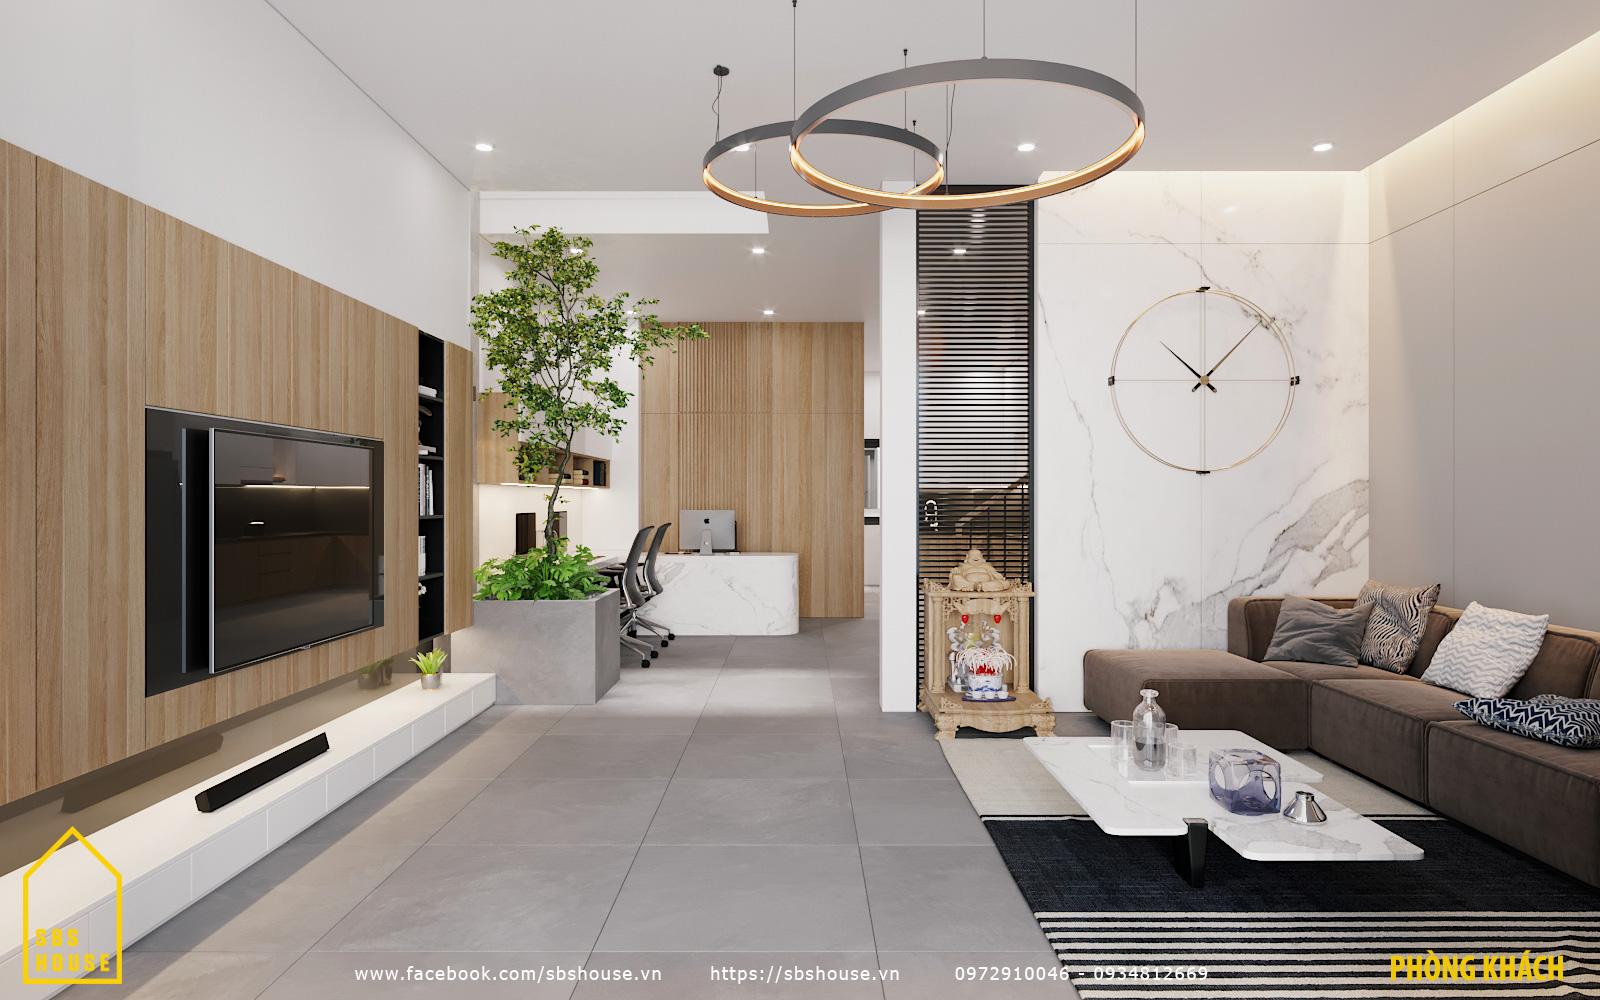 Phòng khách sau khi thiết kế cải tạo